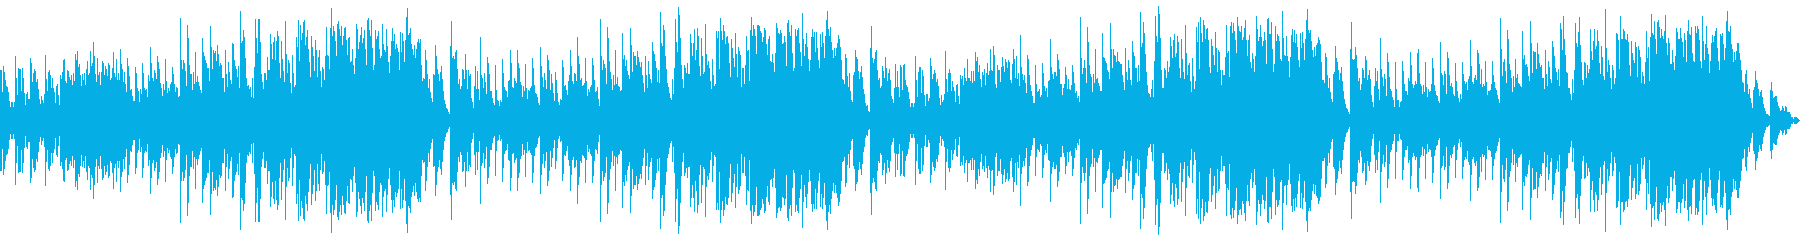 優しいピアノバラードによるBGMの再生済みの波形